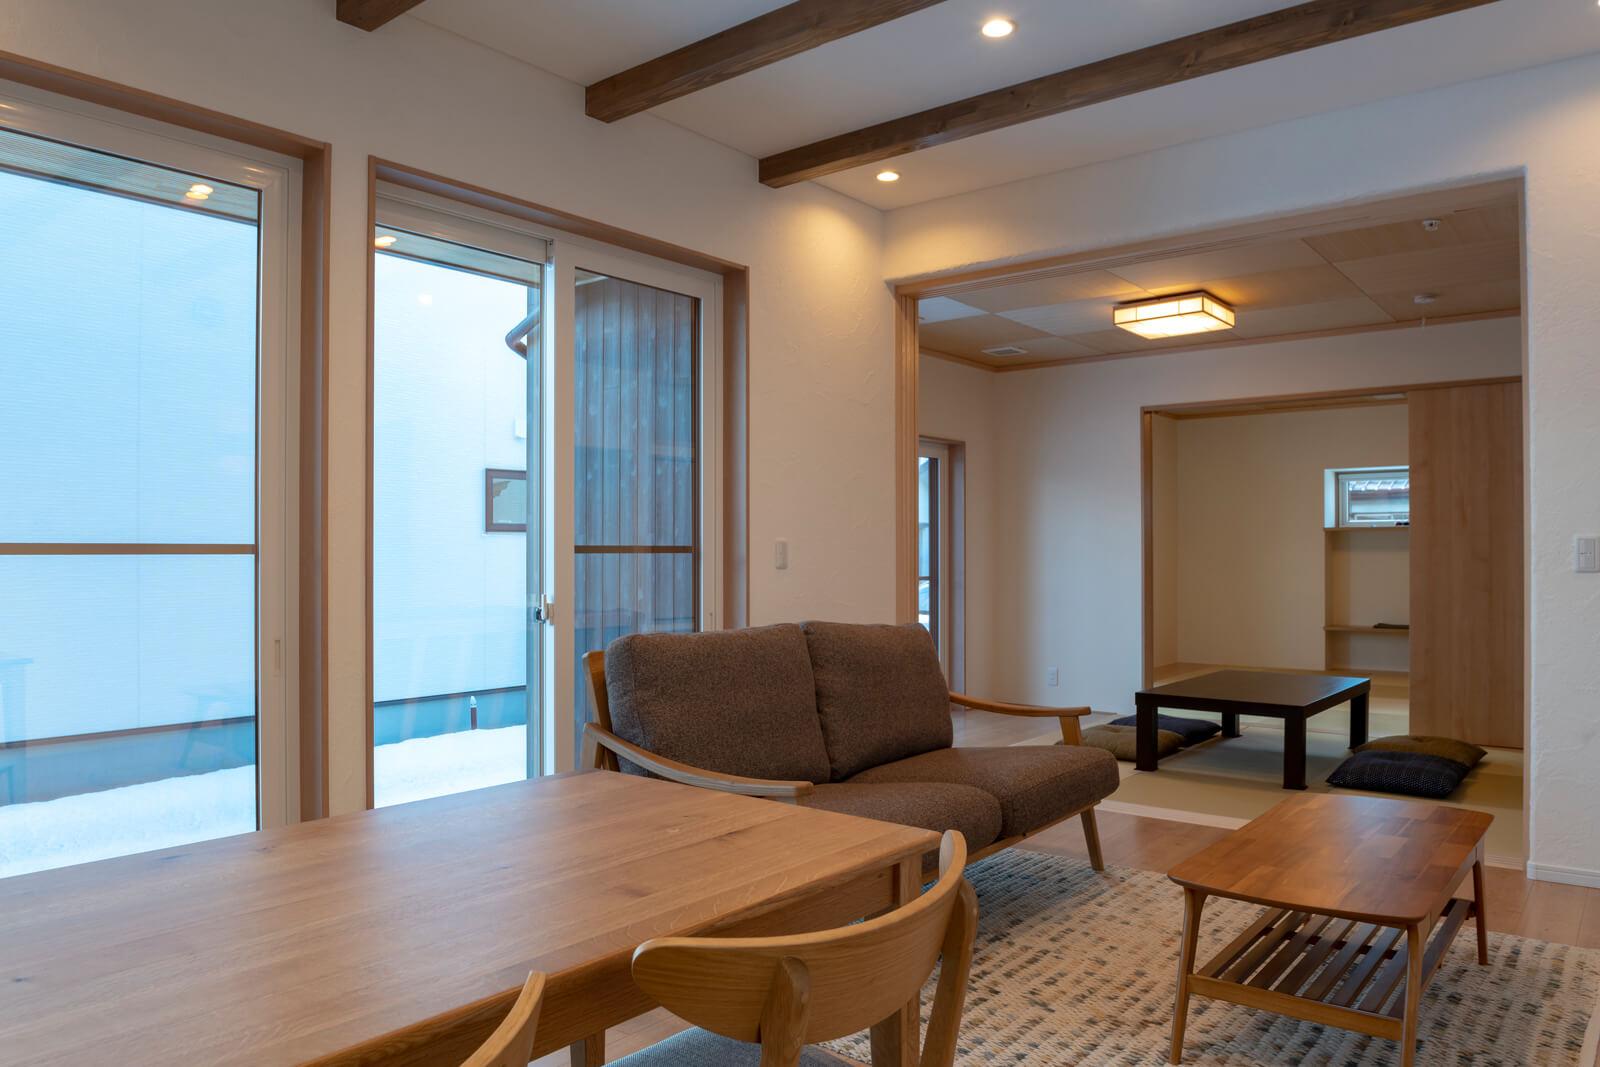 リビングと和室の間には、和室の天井高に合わせたハイドアを導入。開放感を演出している